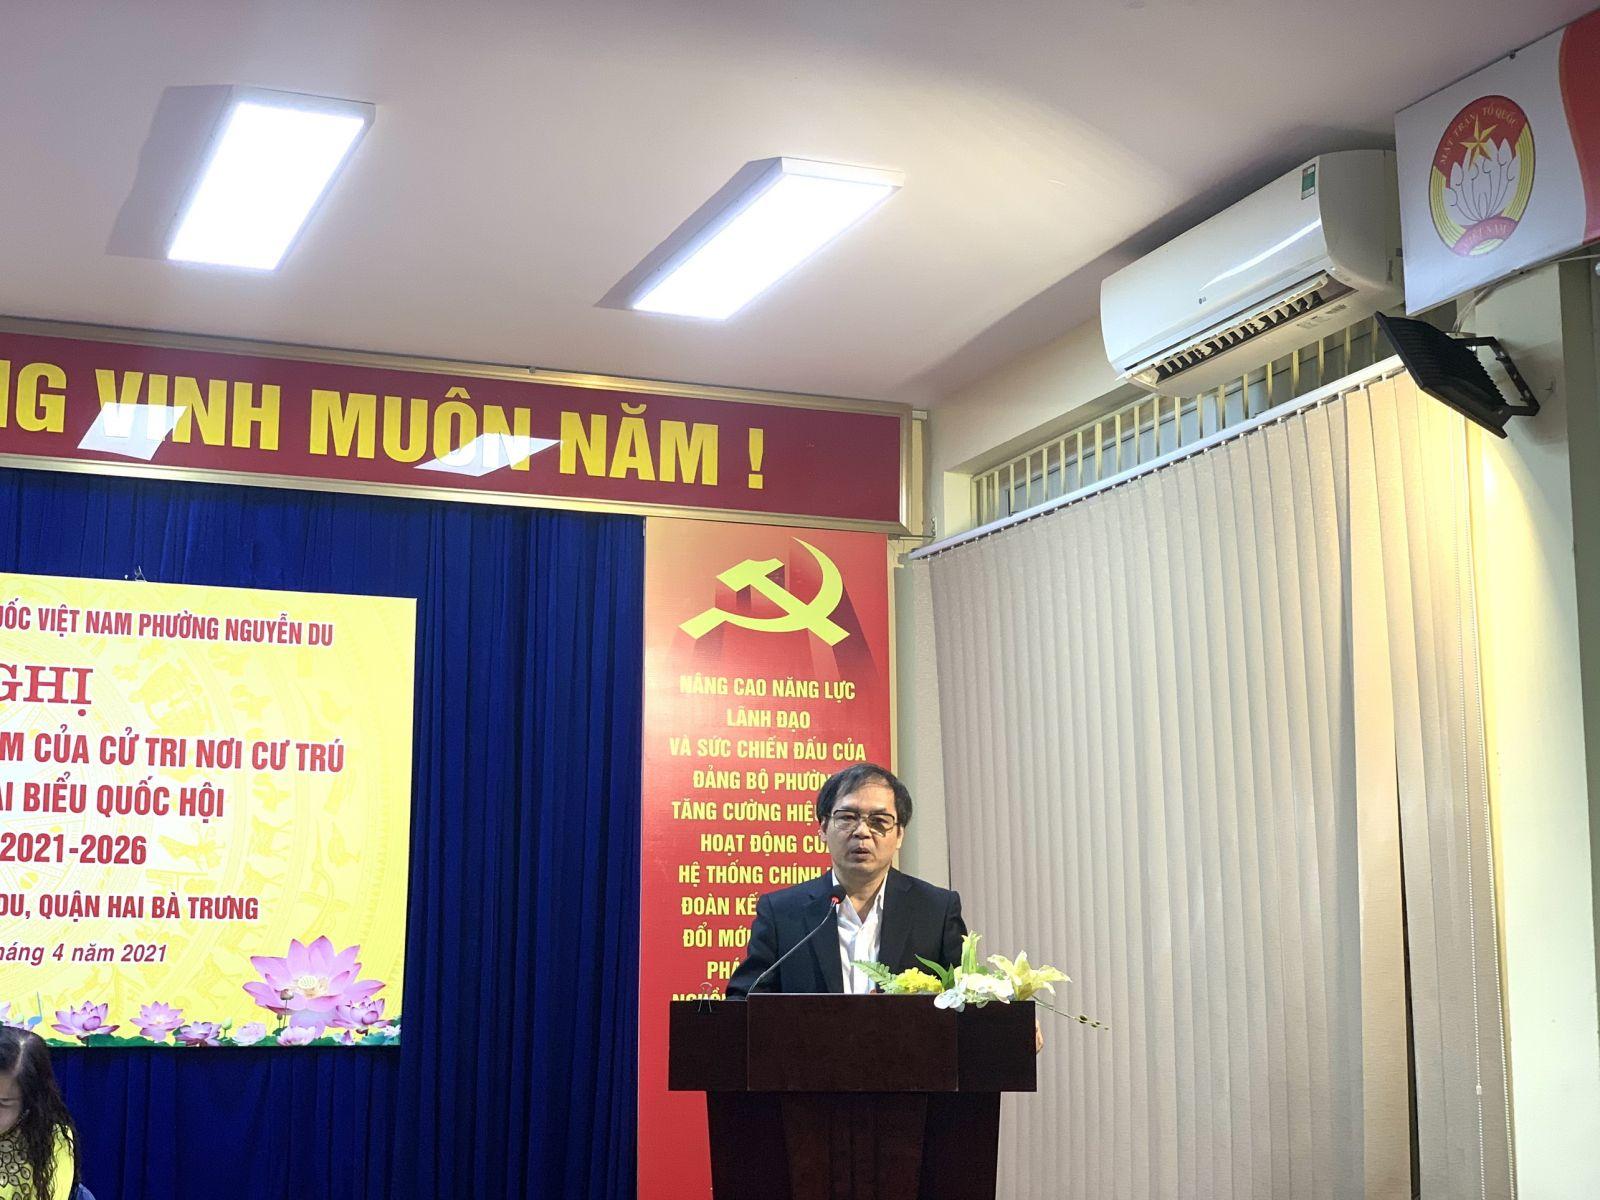 TS. Tô Hoài Nam - Phó chủ tịch Thường trực kiêm Tổng thư ký VINASME